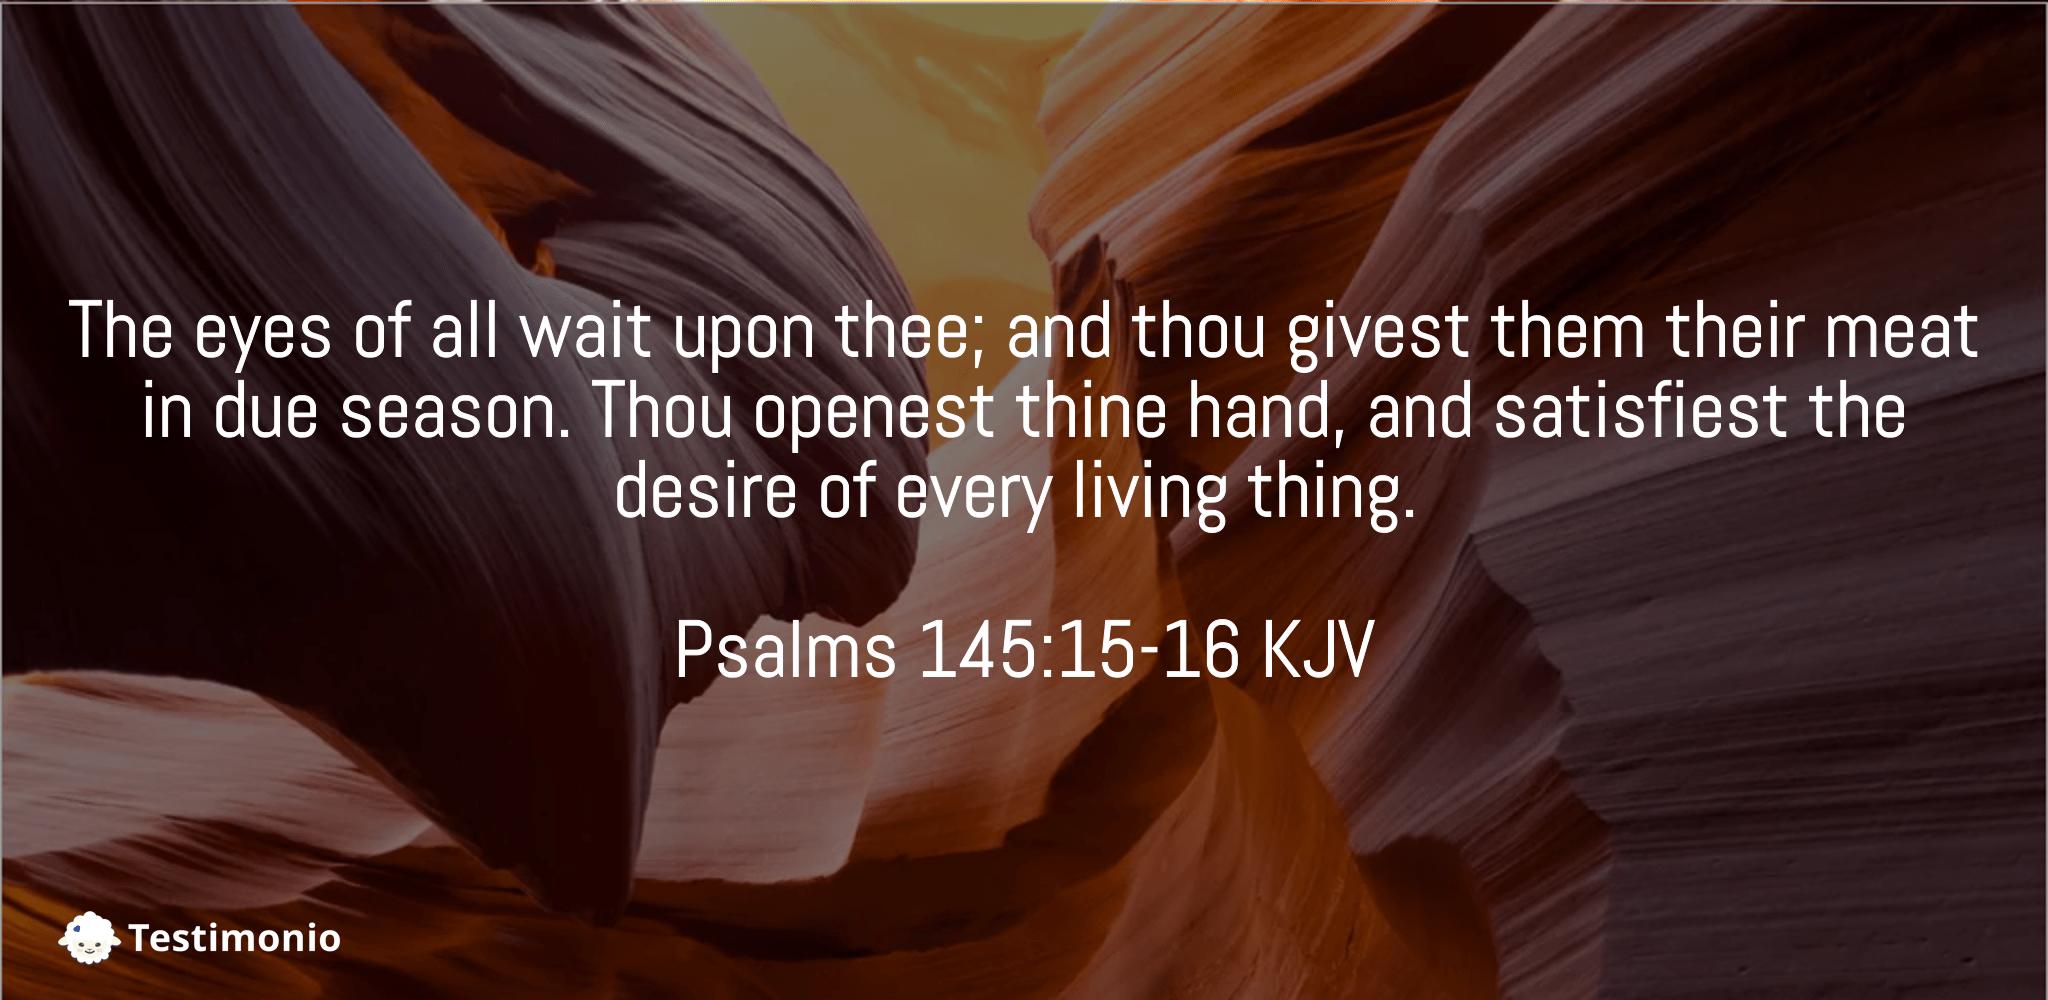 Psalms 145:15-16